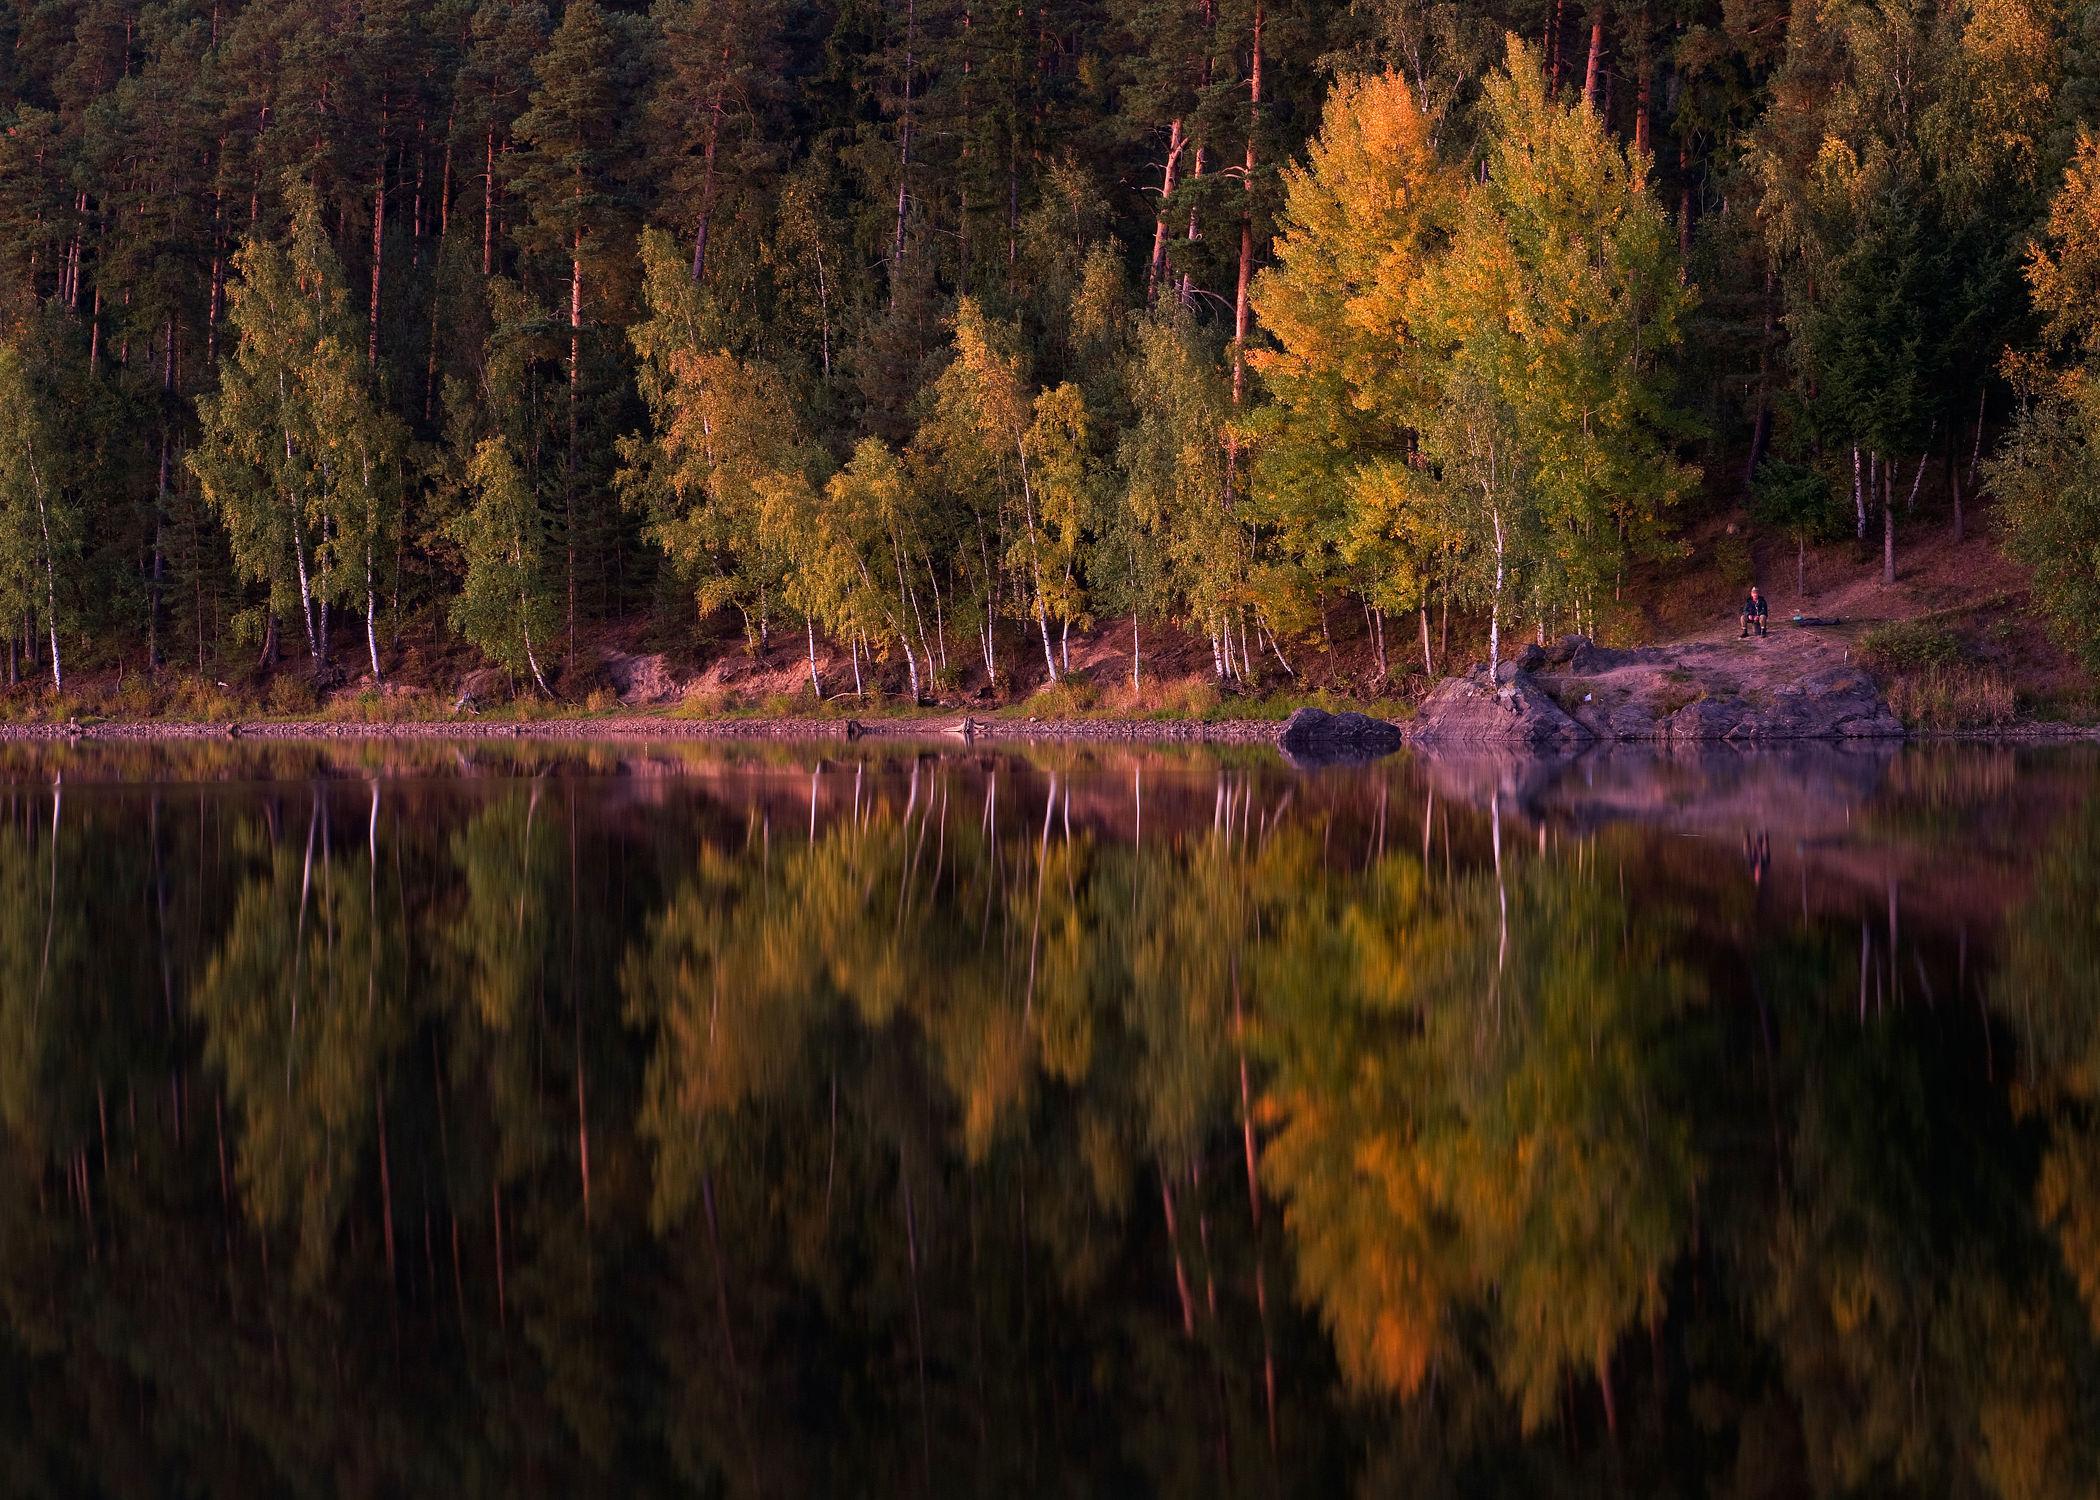 Bild mit Natur, Wasser, Landschaften, Gewässer, Wälder, Seen, Wald, Landschaft, See, Ufer